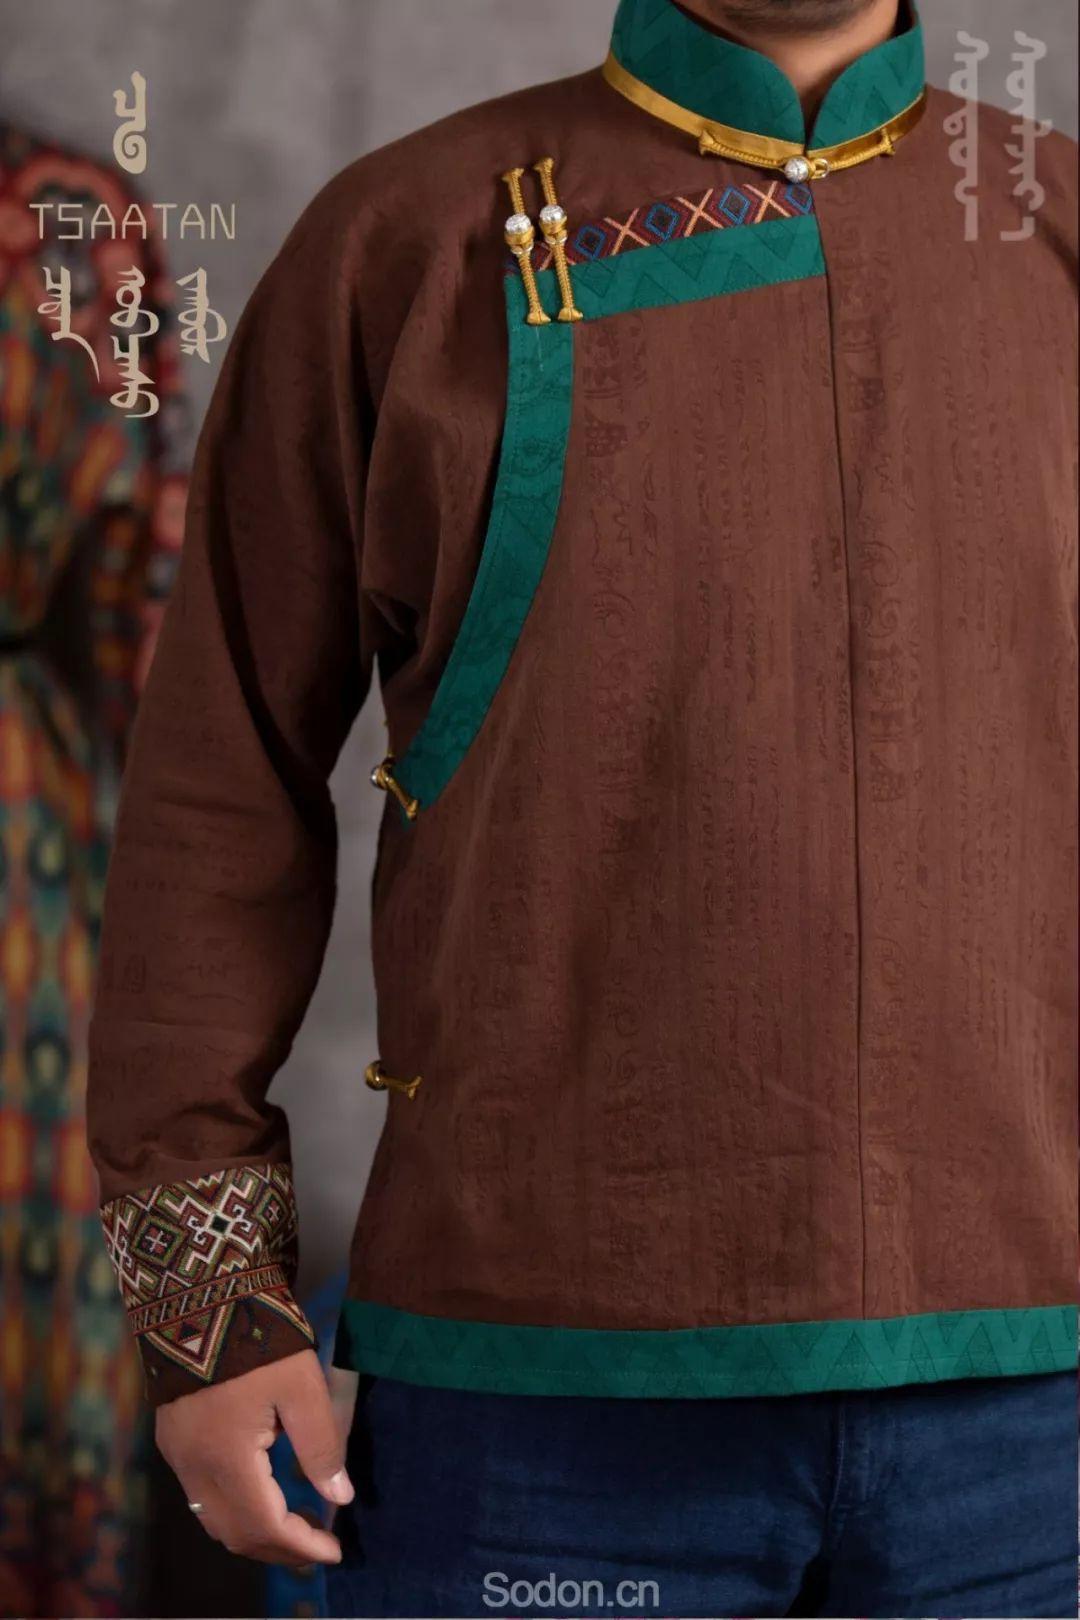 TSAATAN蒙古时装 2019新款,来自驯鹿人的独特魅力! 第45张 TSAATAN蒙古时装 2019新款,来自驯鹿人的独特魅力! 蒙古服饰